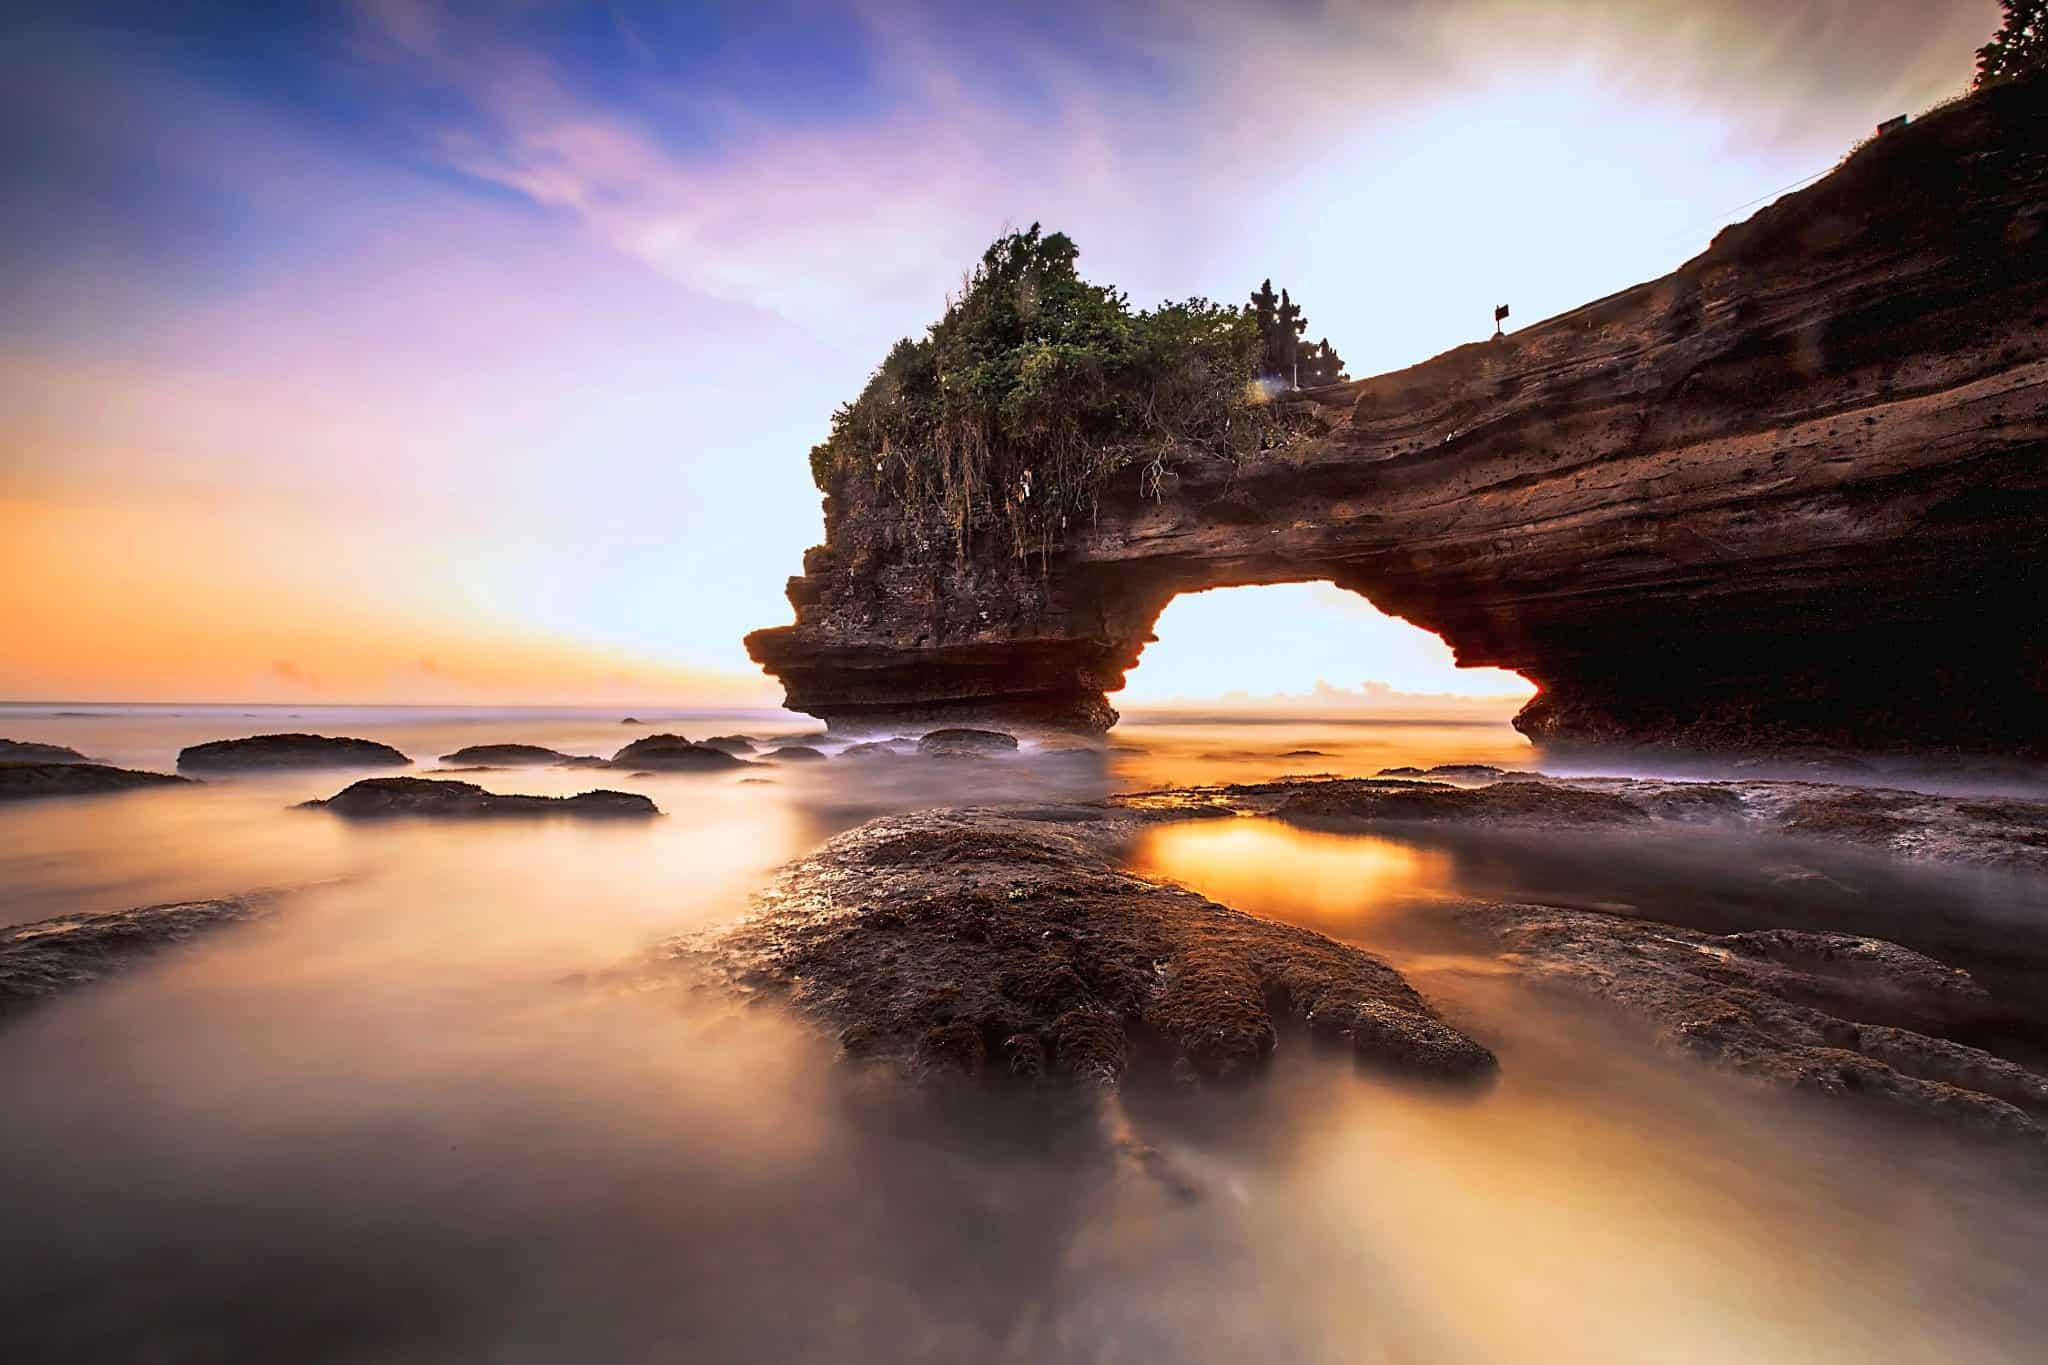 Destinasi Wisata Pura Batu Bolong Lombok Barat Wisatabaru Kab